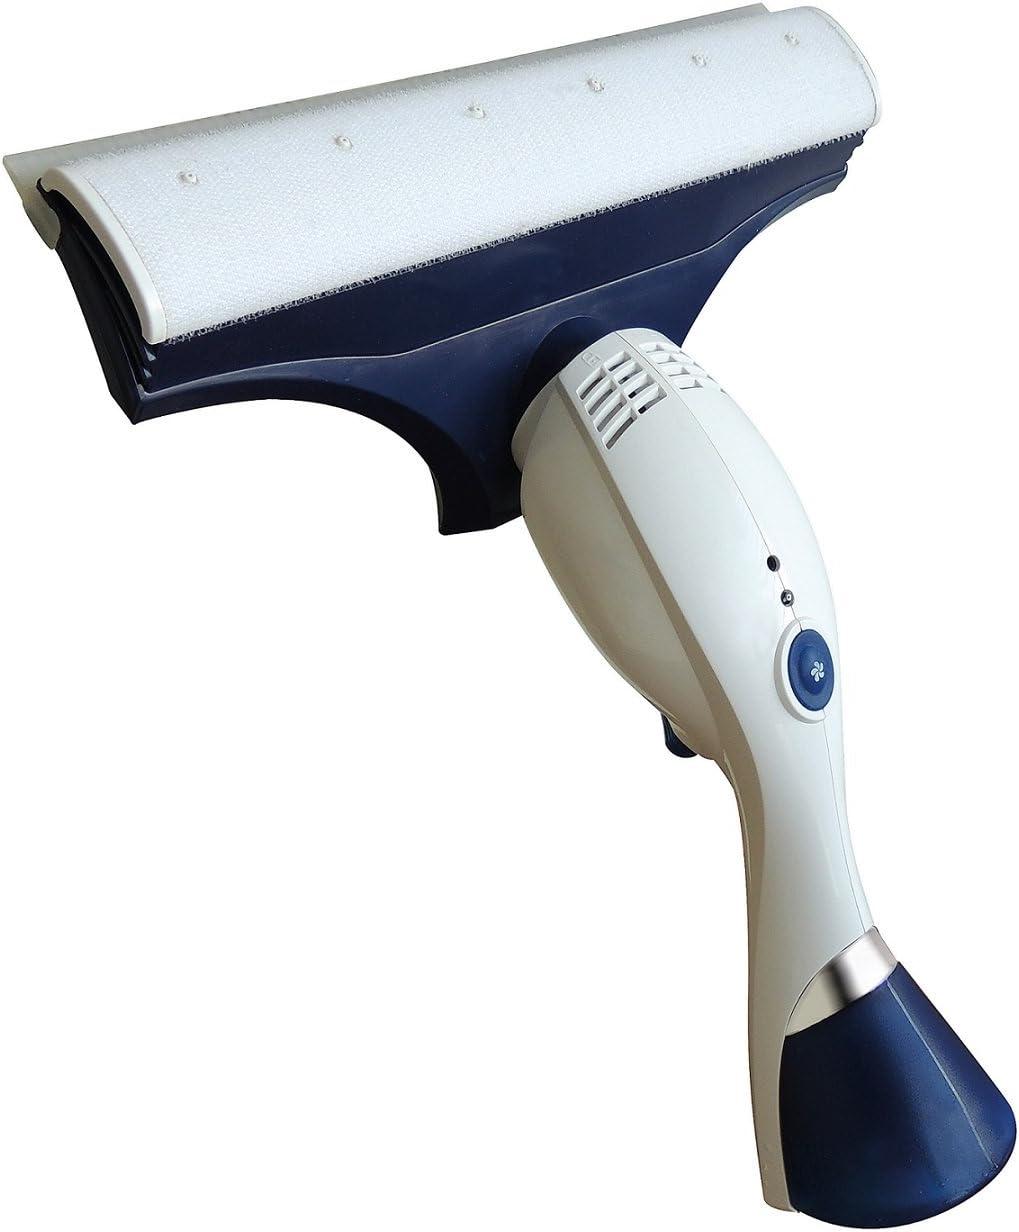 Ecodrop Domena 1300 - Aspirador limpiacristales: Amazon.es: Hogar